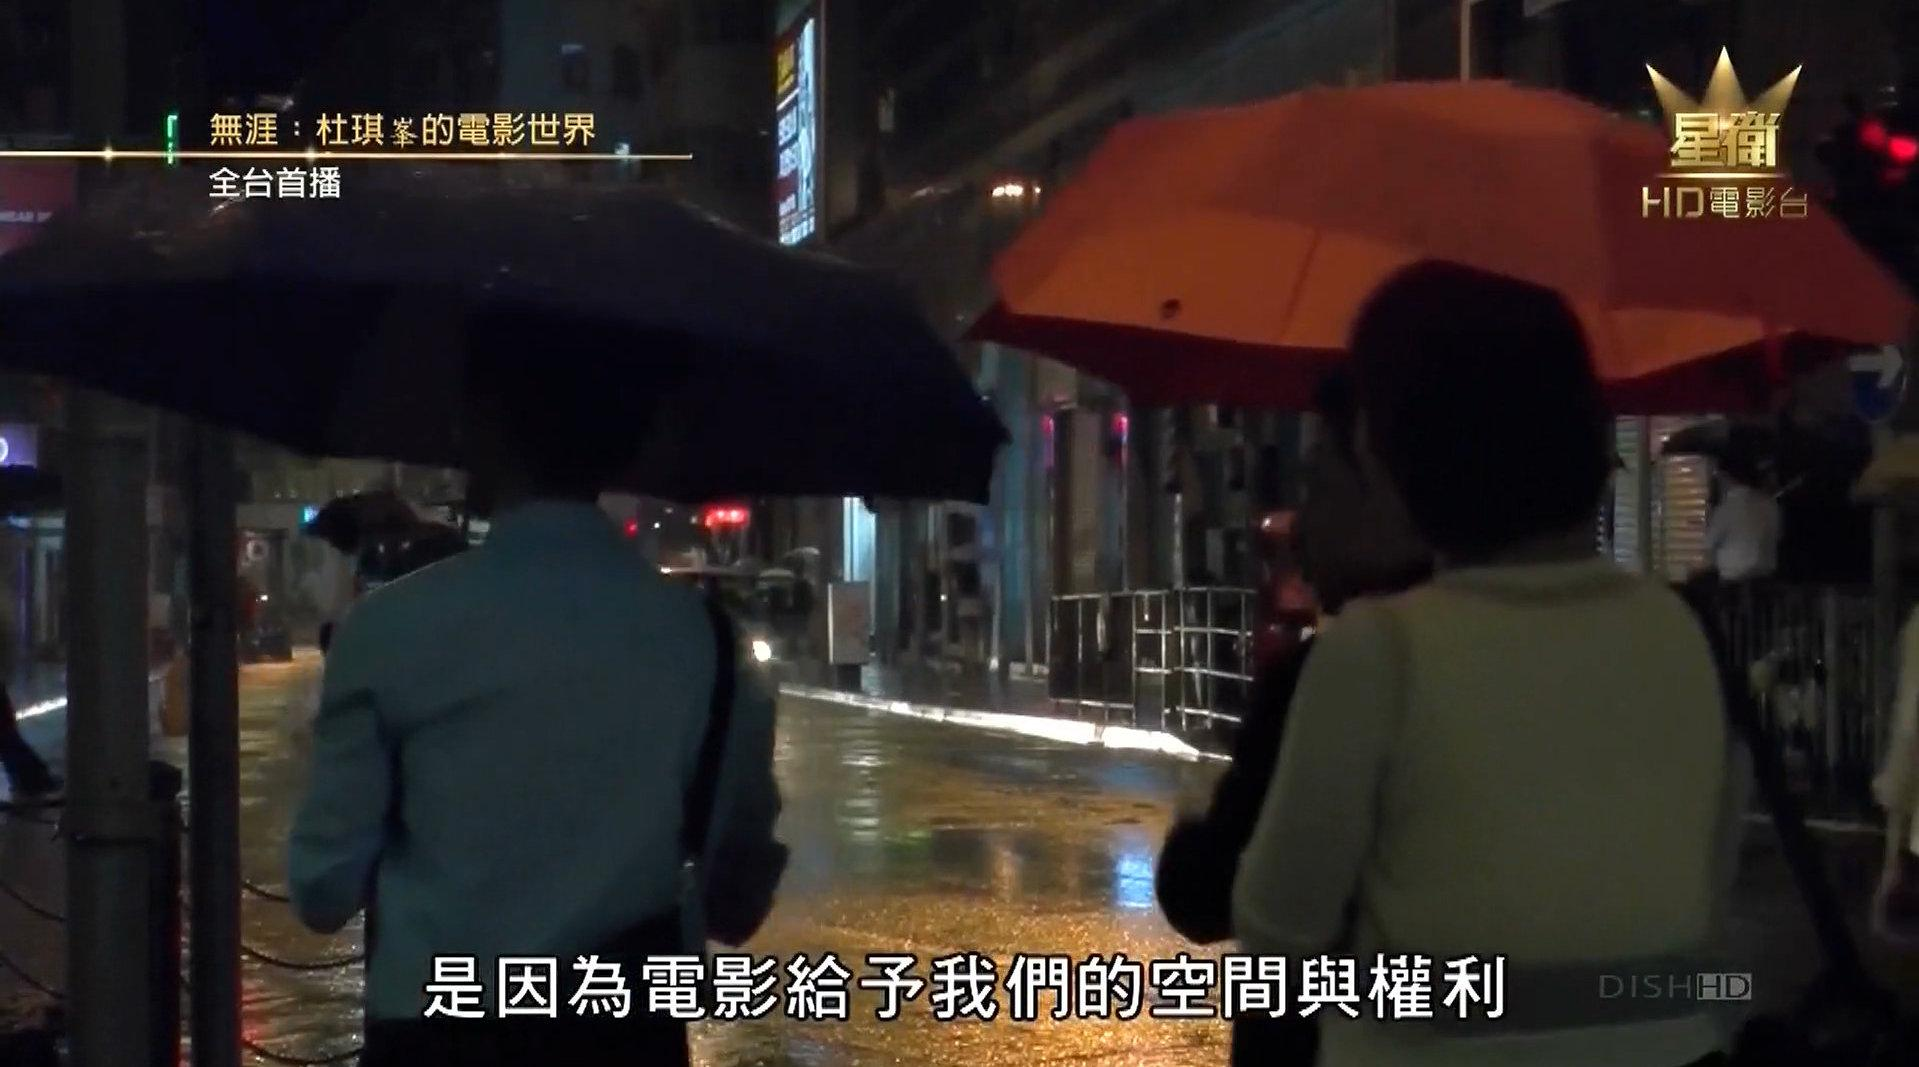 《无涯:杜琪峰的电影世界》,不可多得的纪录片。全是干货……